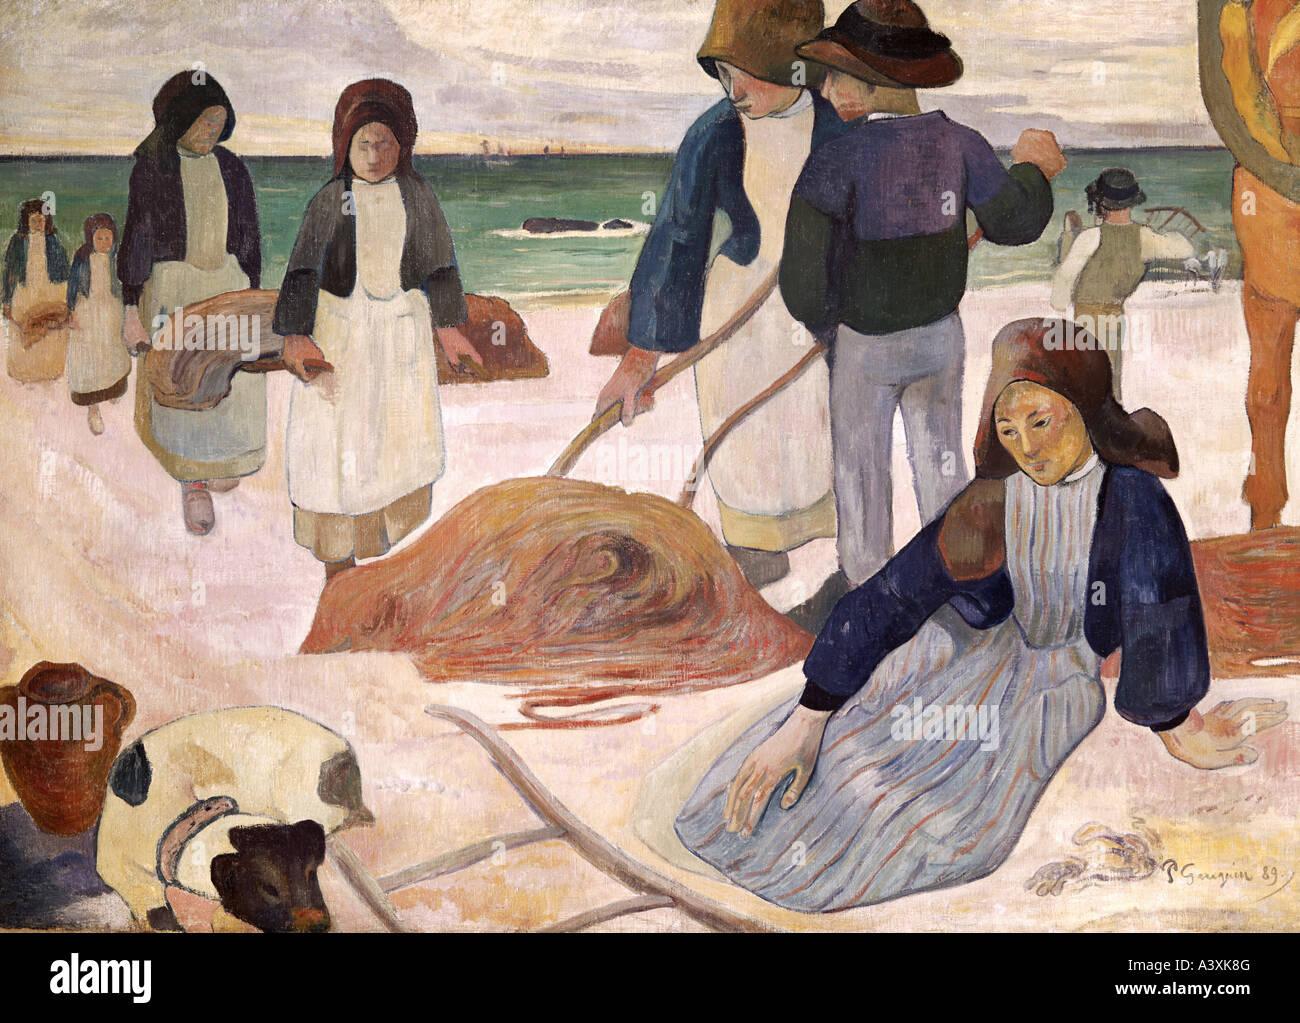 'Fine Arts, Gauguin, Paul, (1848 - 1903), peinture, 'collectors' algues Breton, 1889, Folkwang Museum, Photo Stock